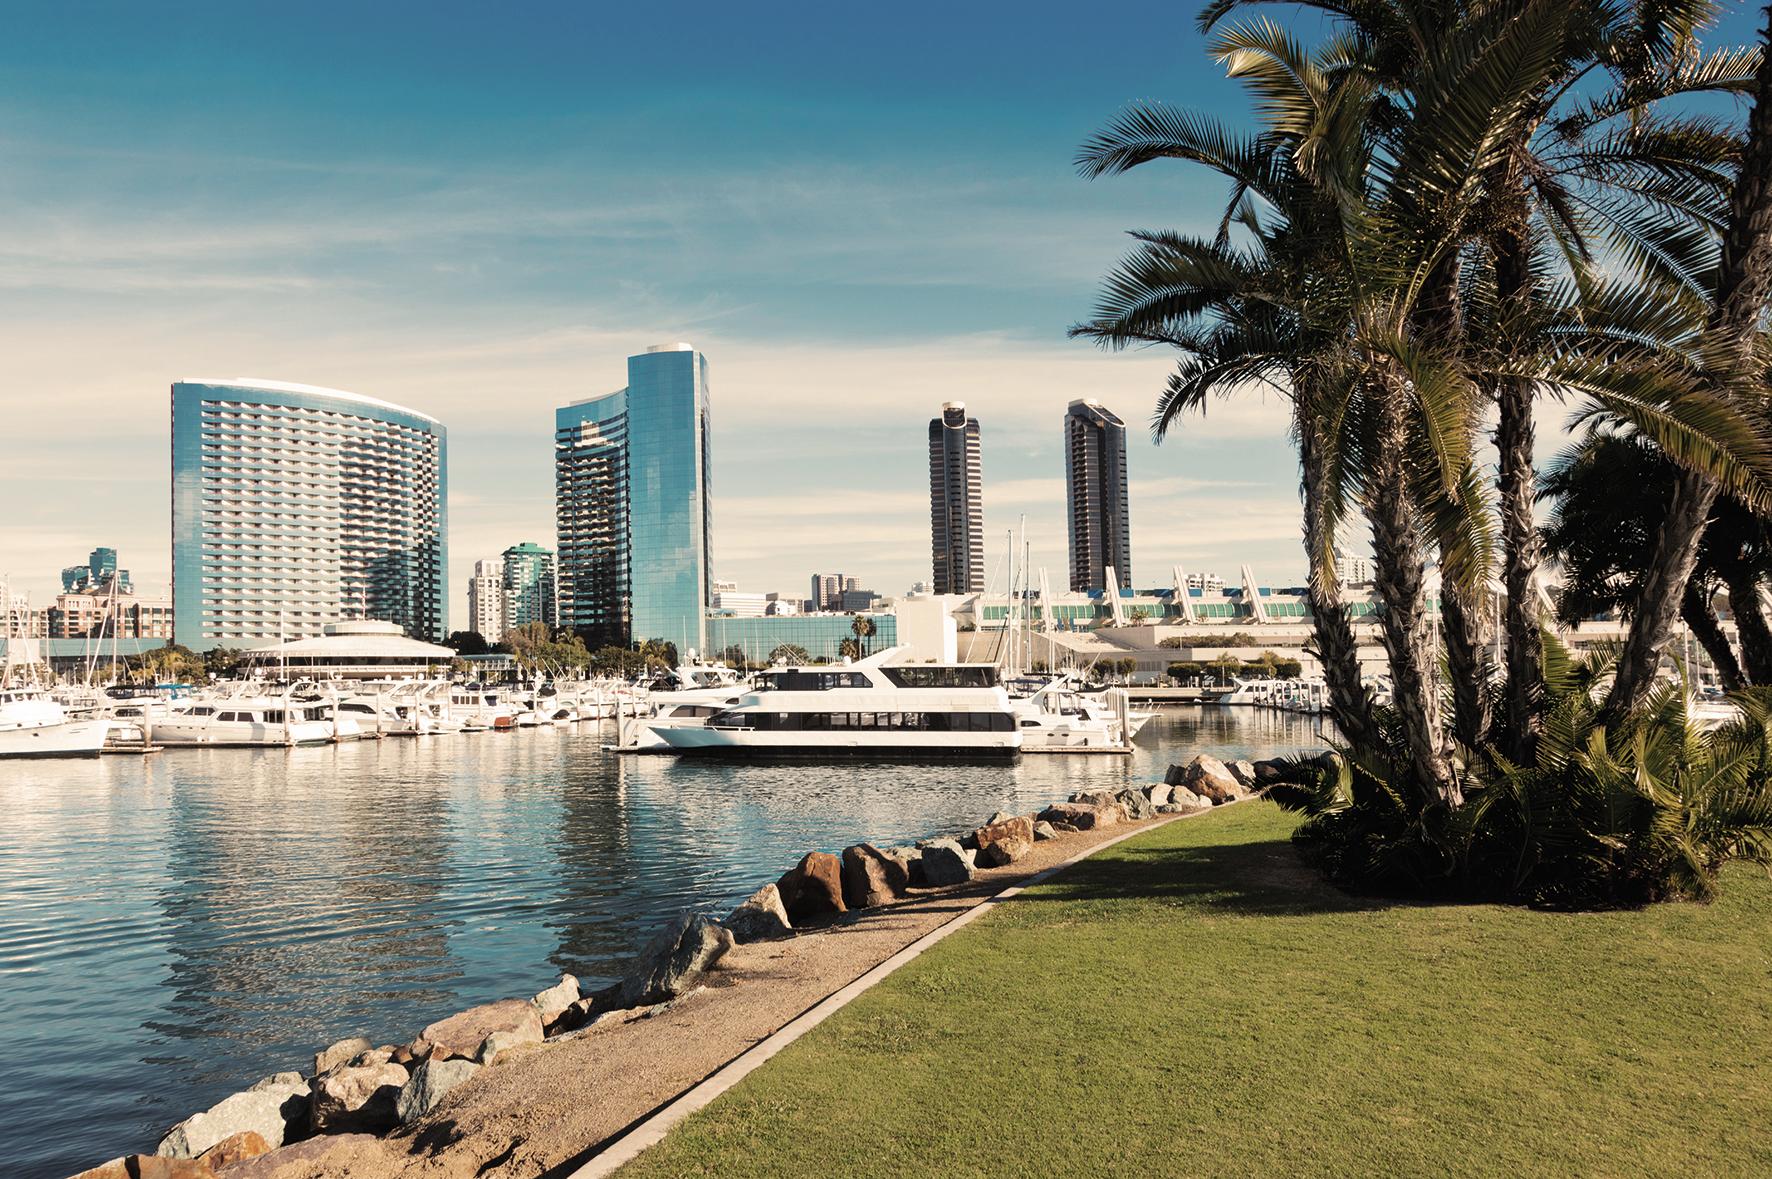 スペイン風建築が綺麗な街、サンディエゴ☆